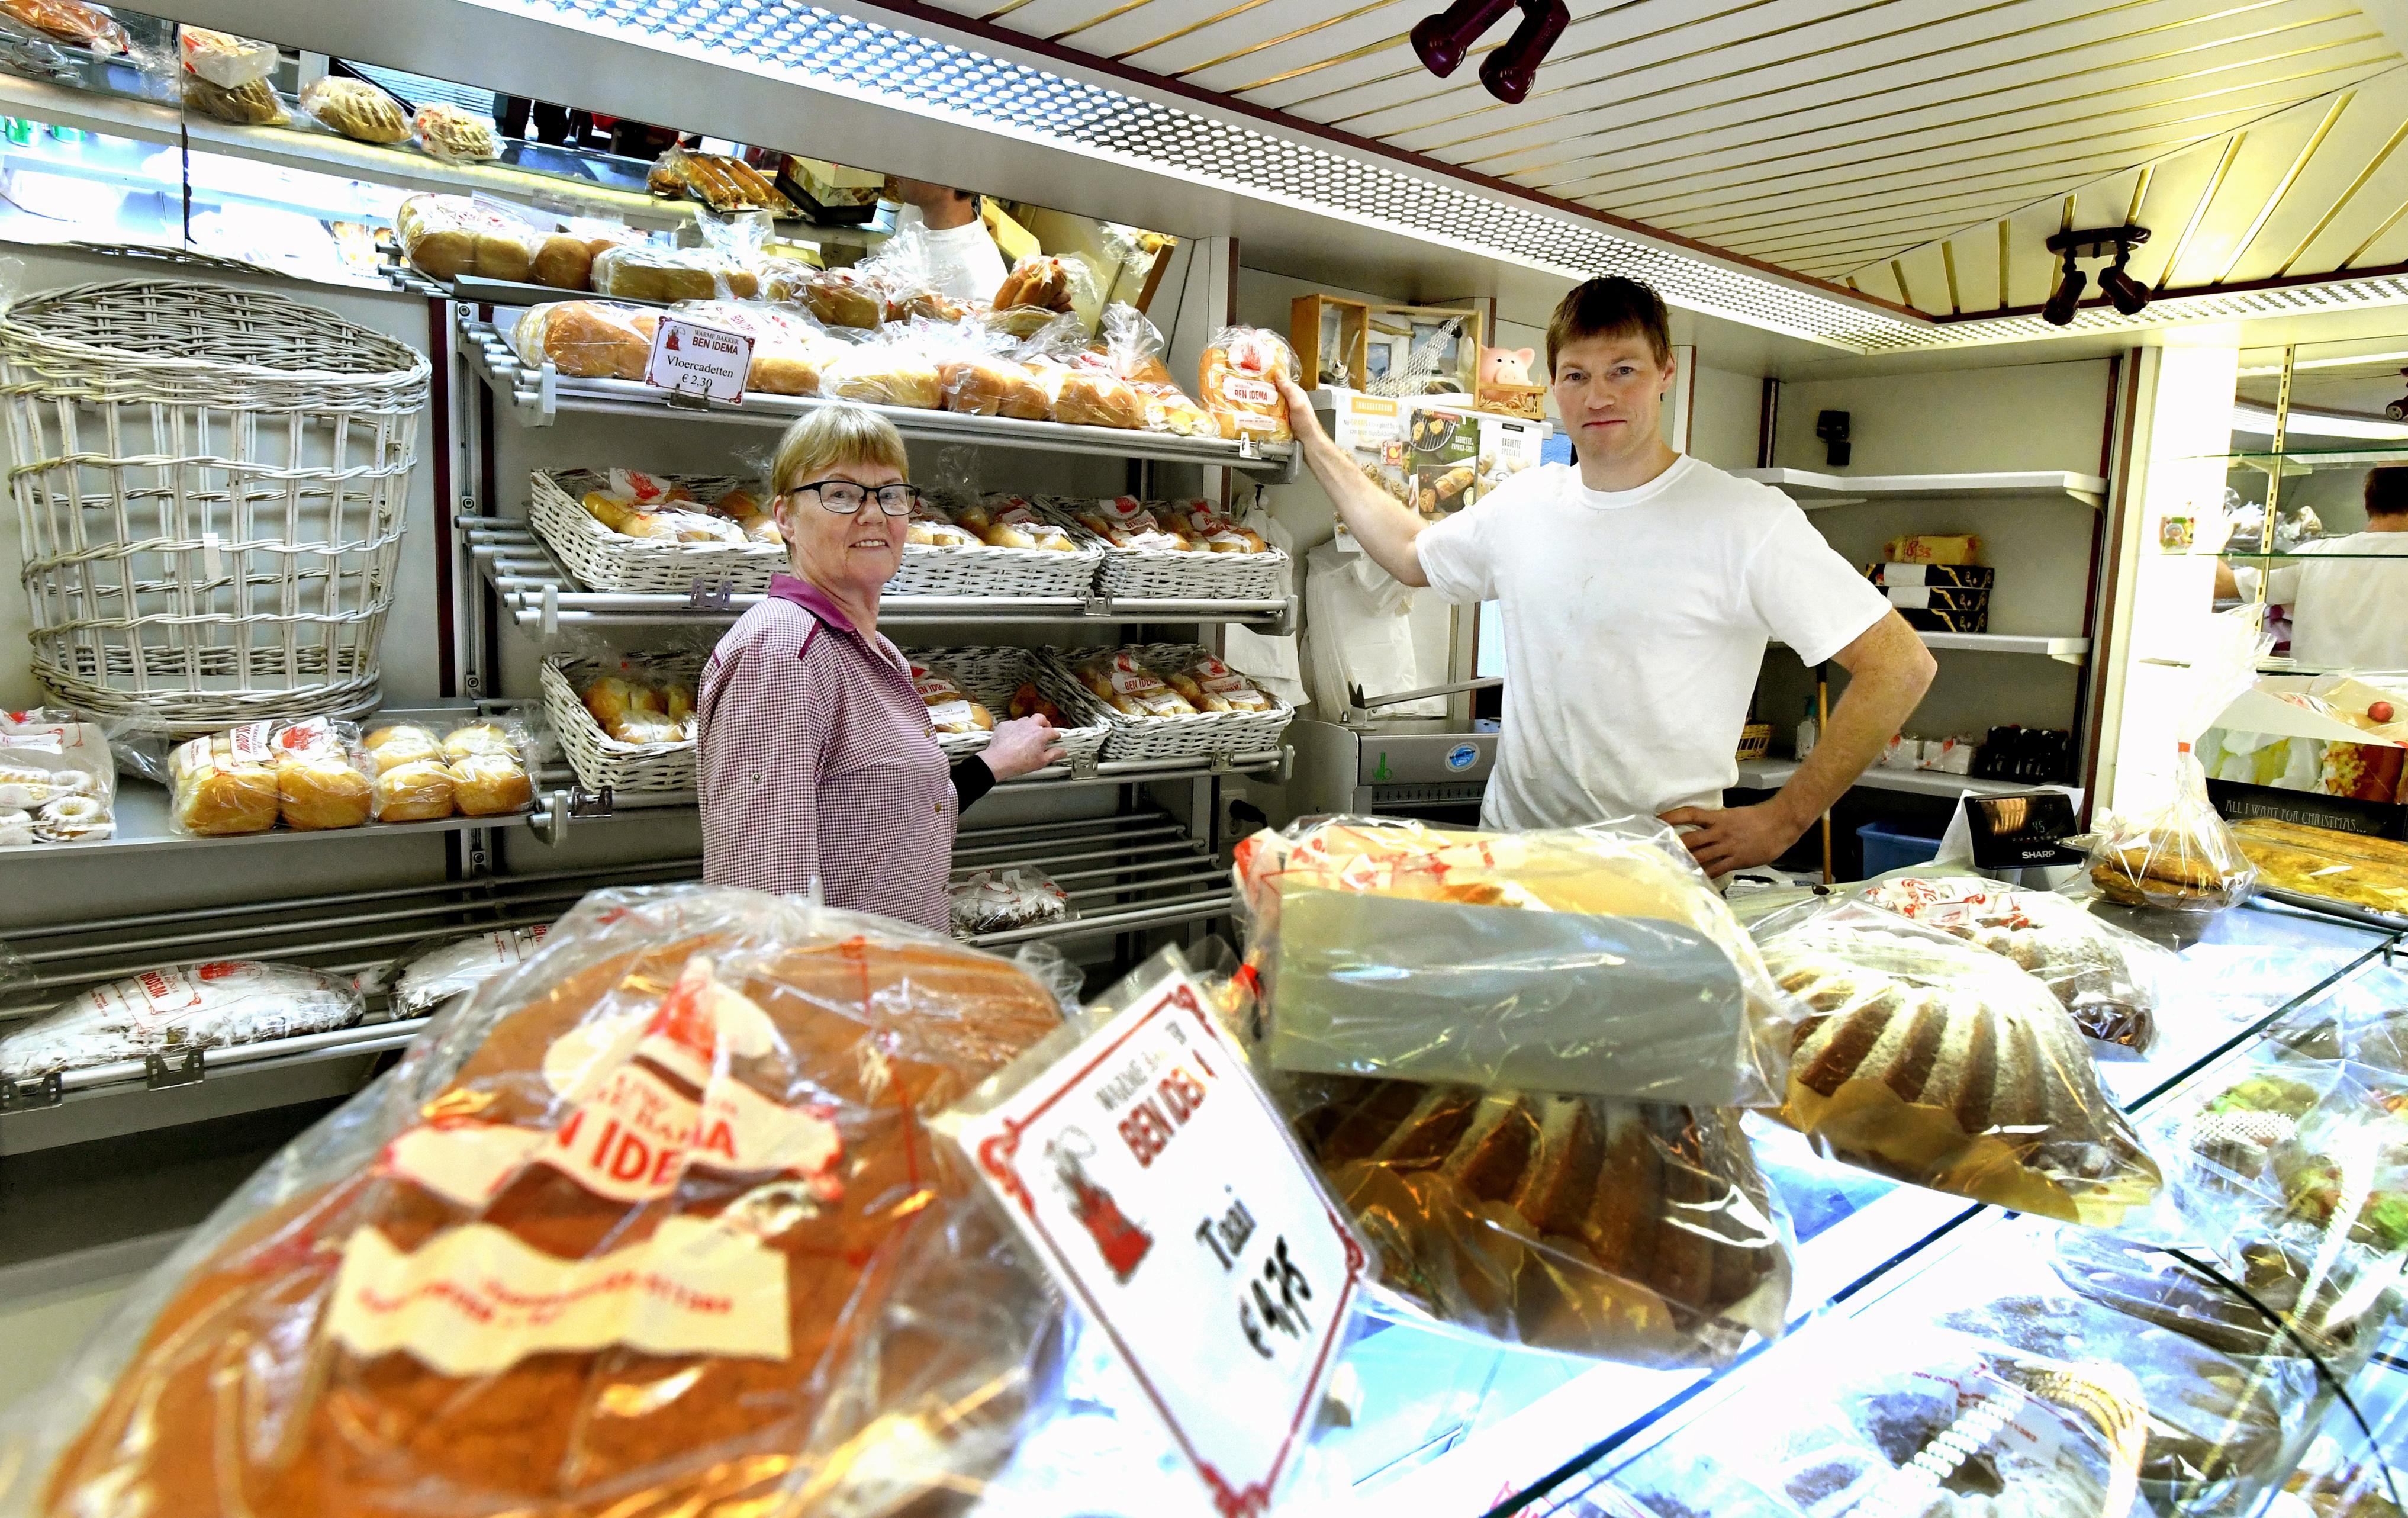 Tineke was nog lang niet klaar met de bakkerij toen haar man Ben stopte vanwege een meelallergie. Nu ze Bakkerij Idema jaren later toch moet sluiten, doet dat pijn